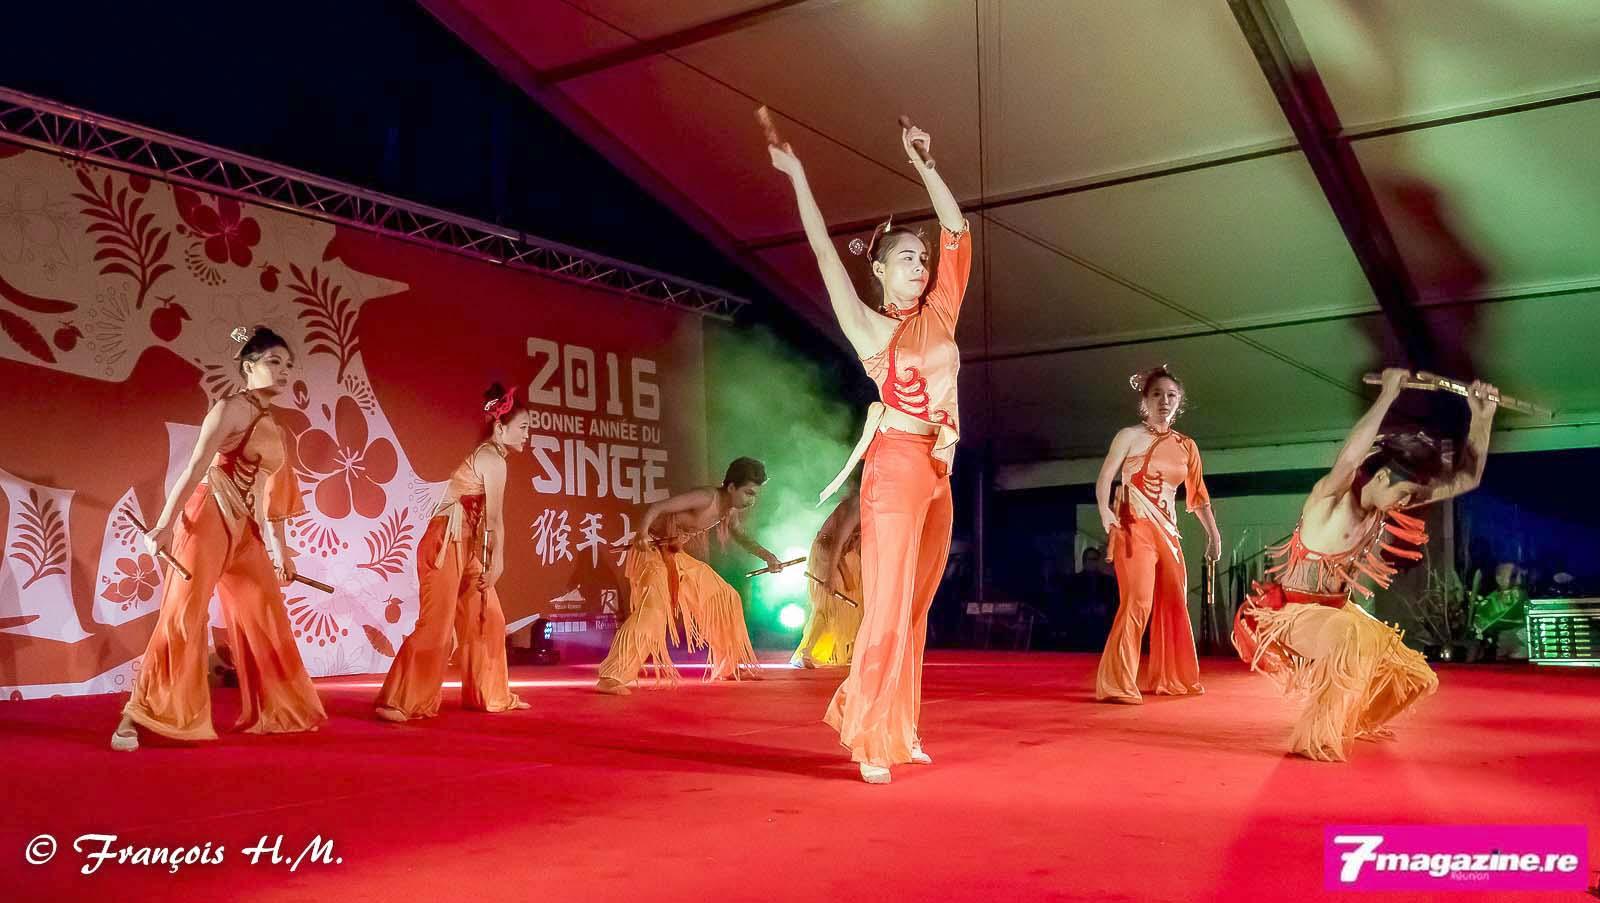 2 000 personnes au Moca pour fêter l'Année du Singe!